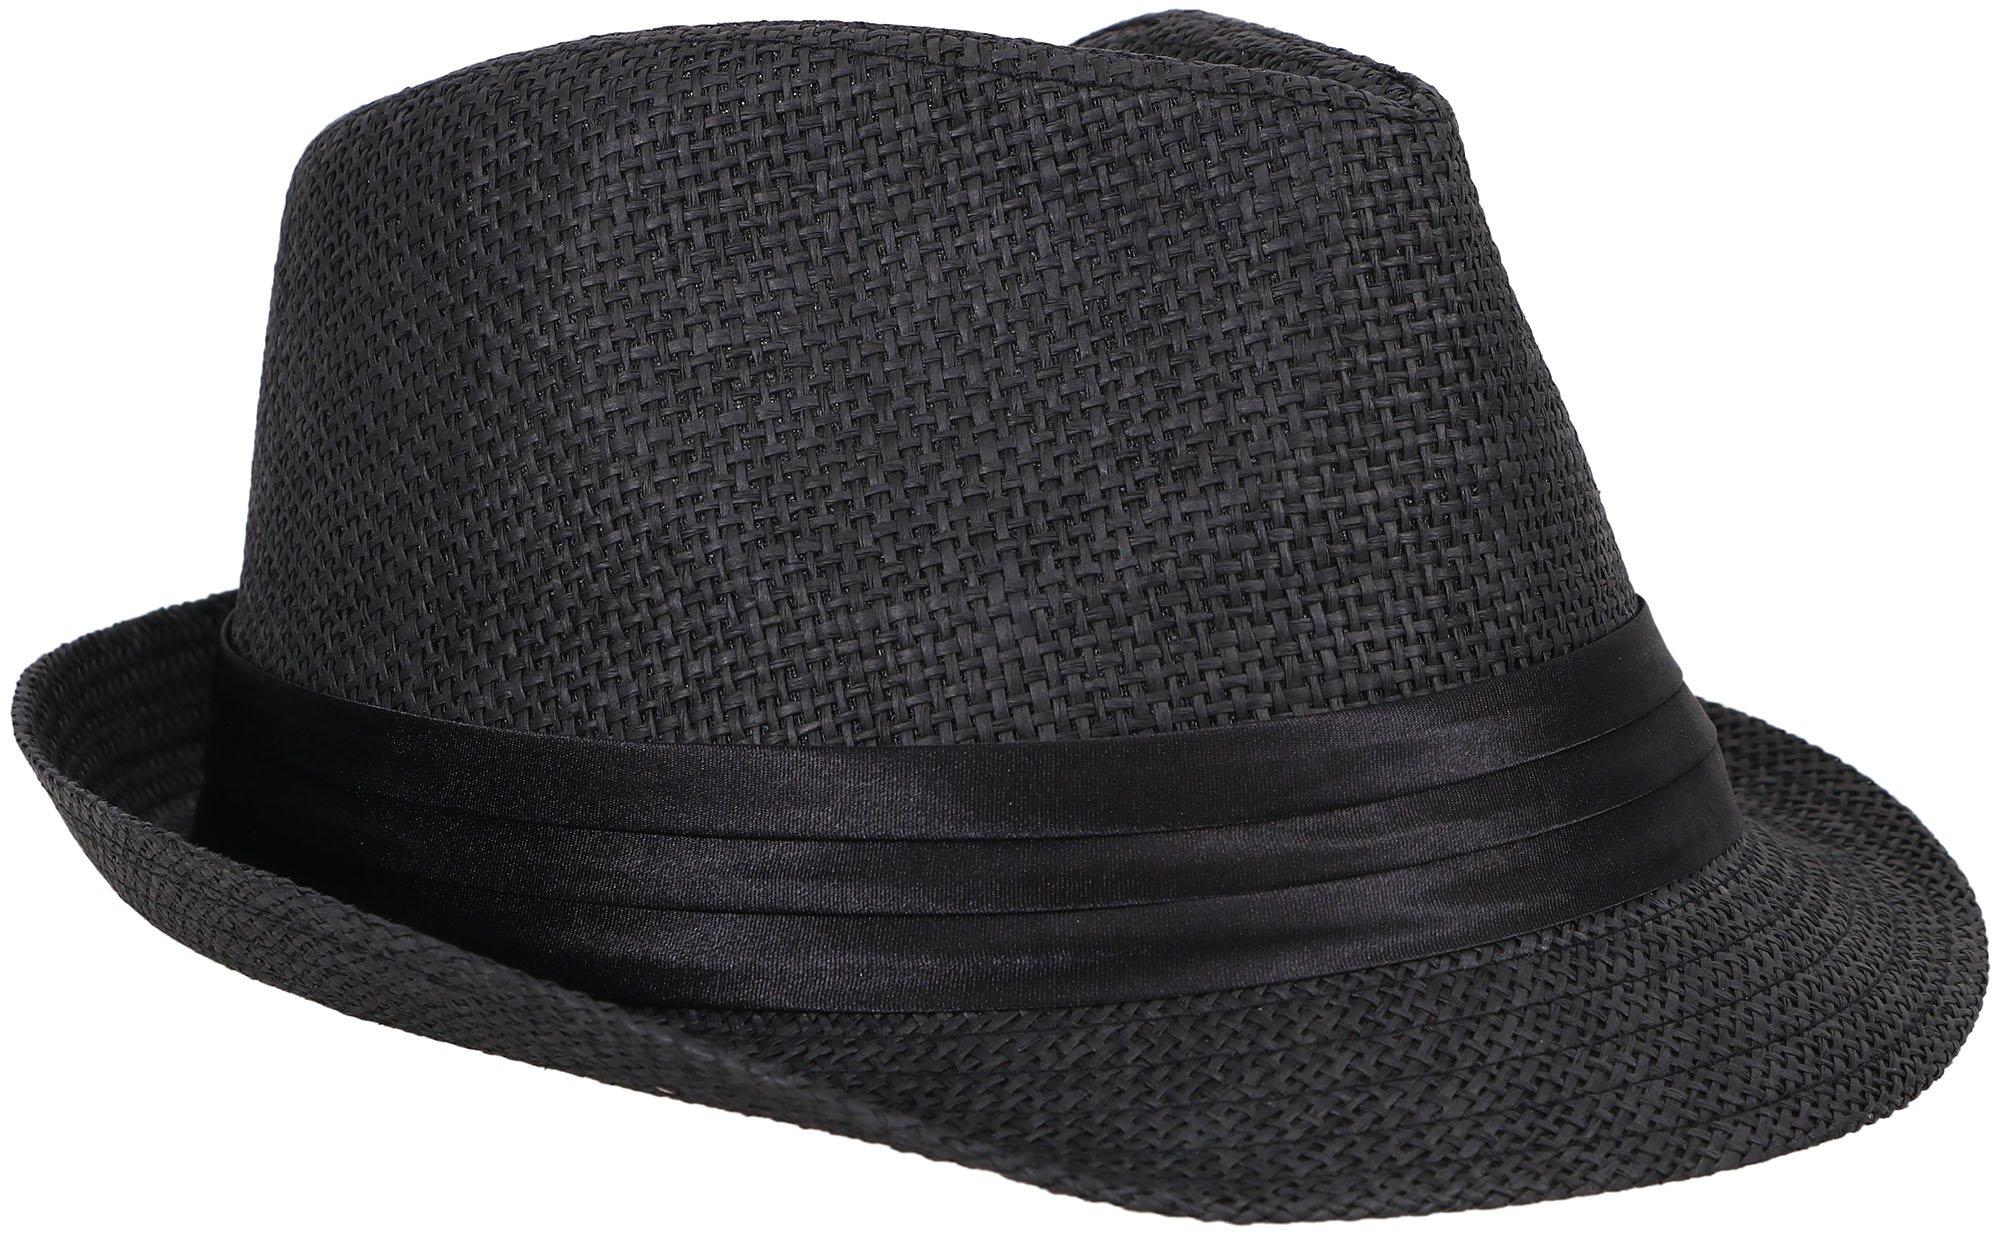 Verabella Fedora Hat Women/Men's Summer Short Brim Straw Fedora Sun Hat,Black,SM by Verabella (Image #1)